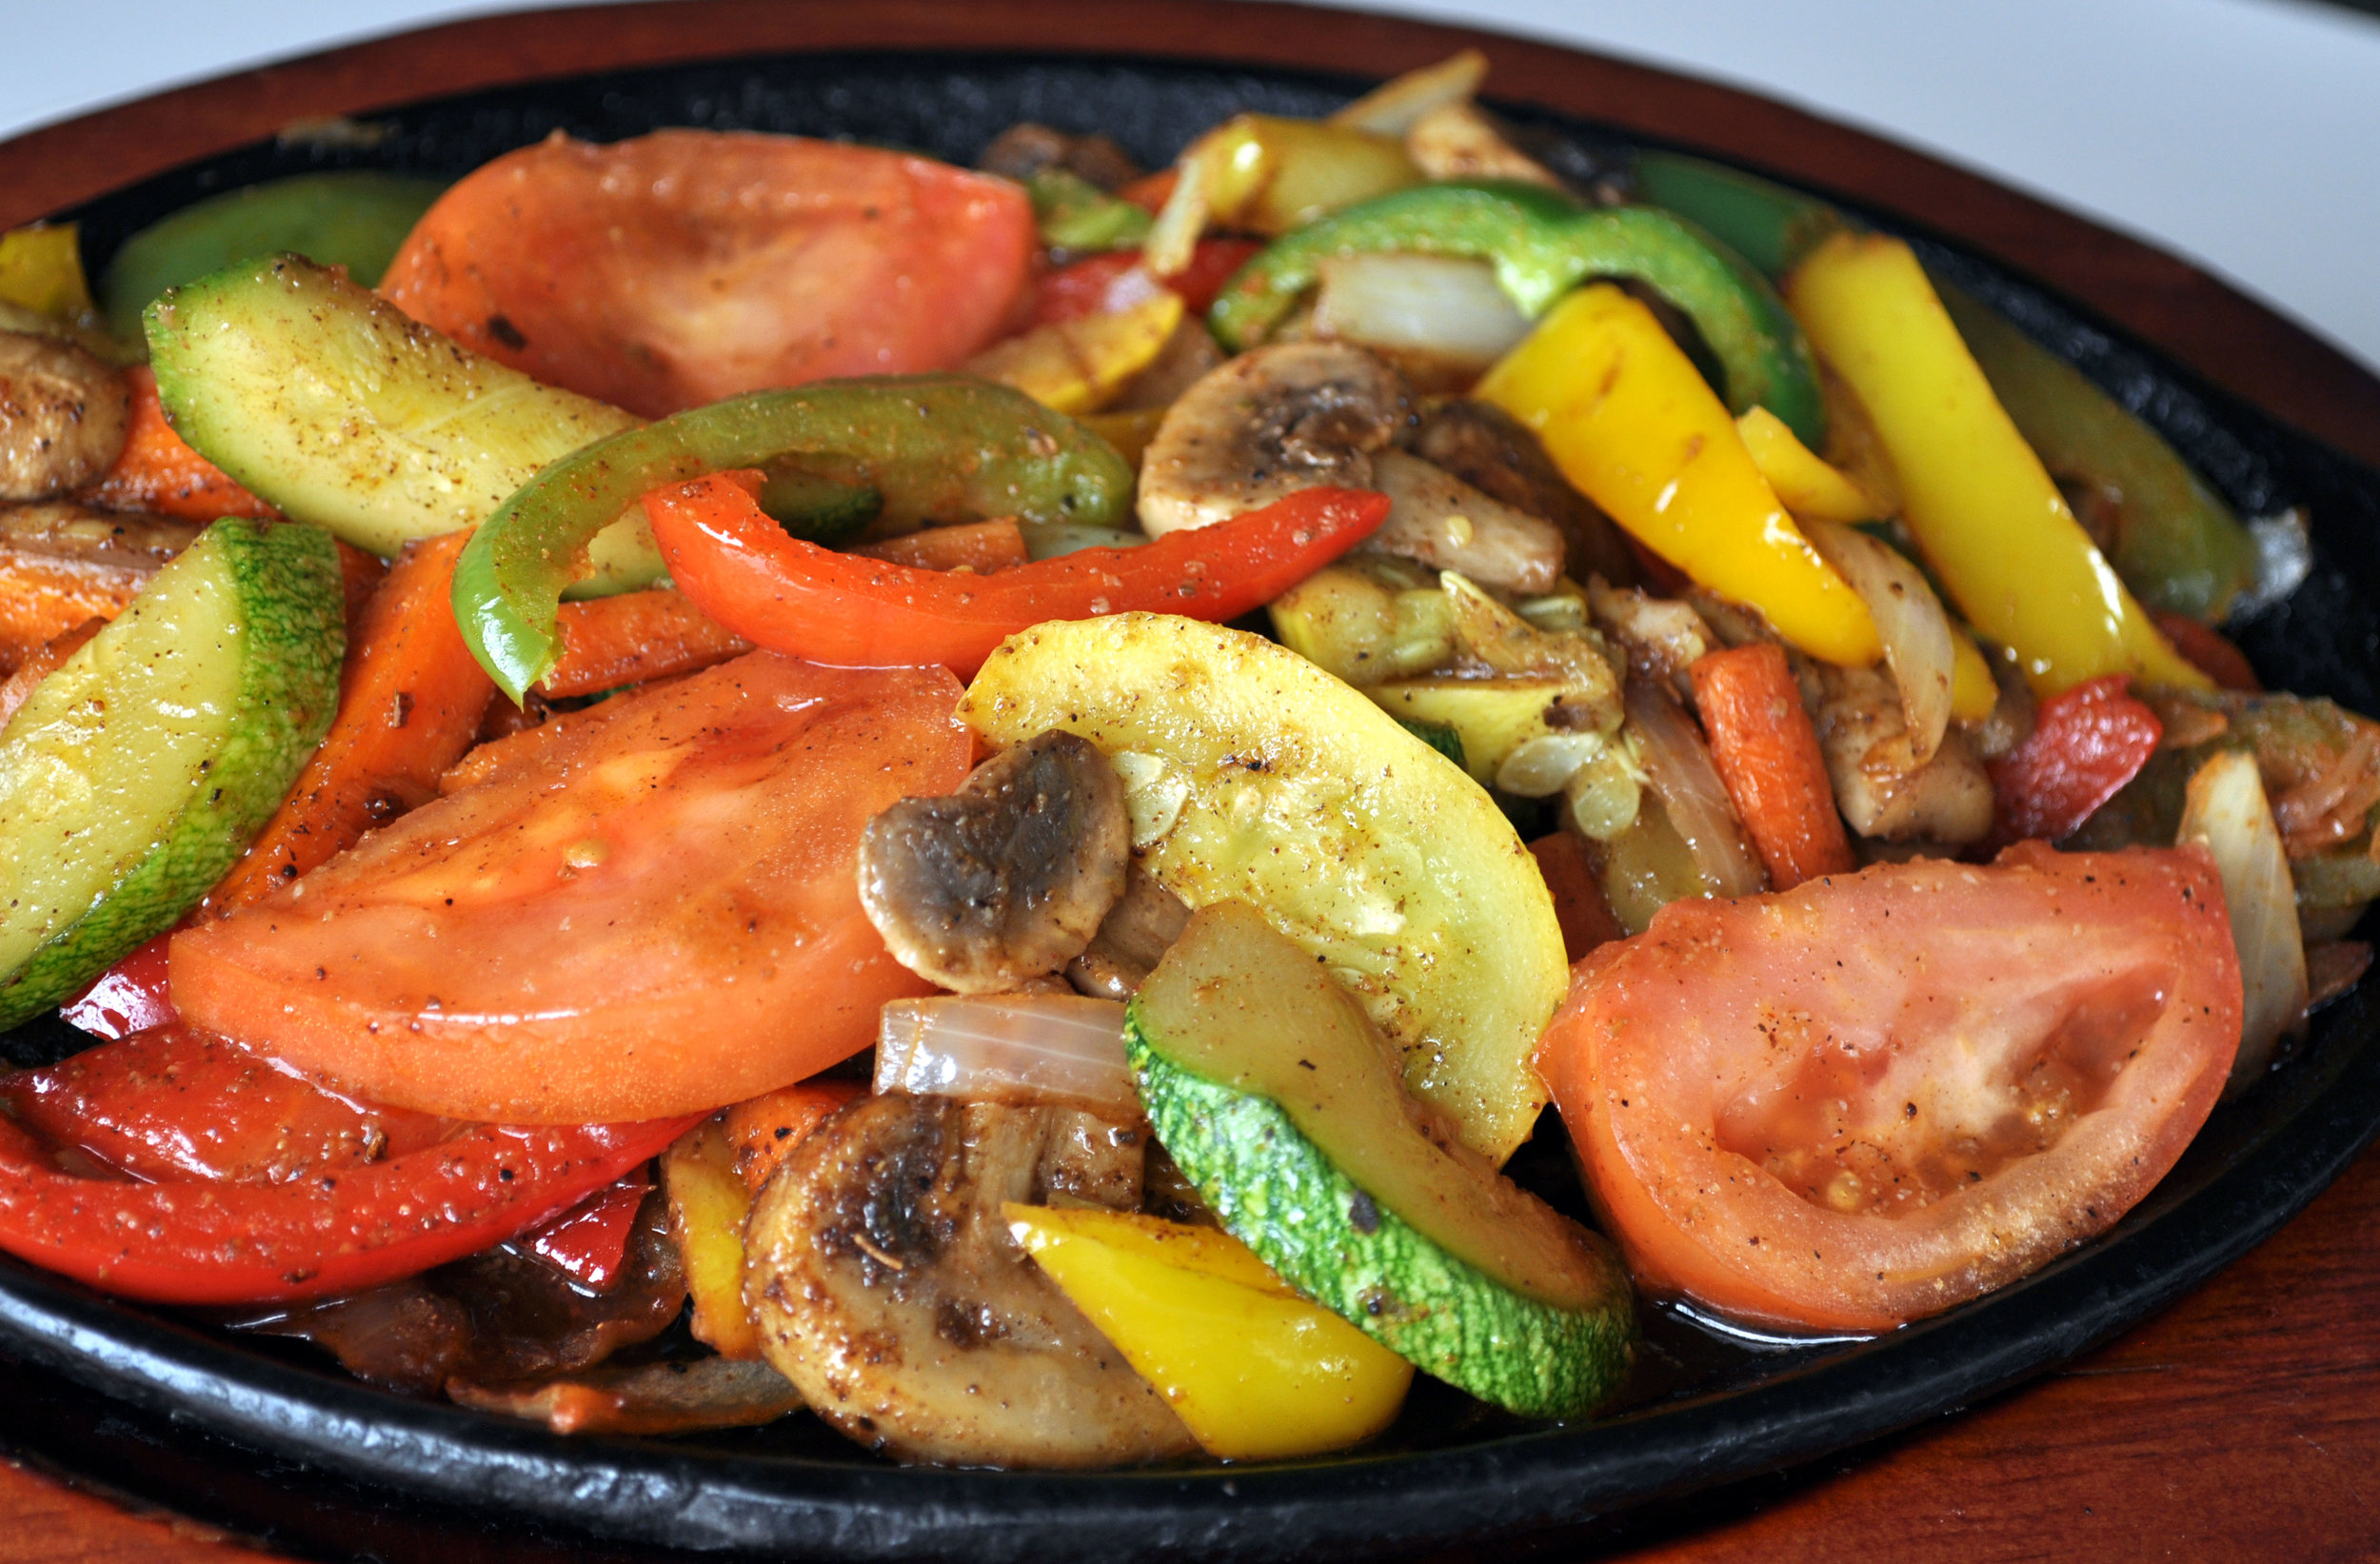 Tampio-web-menu-grilled-vegetables.jpg